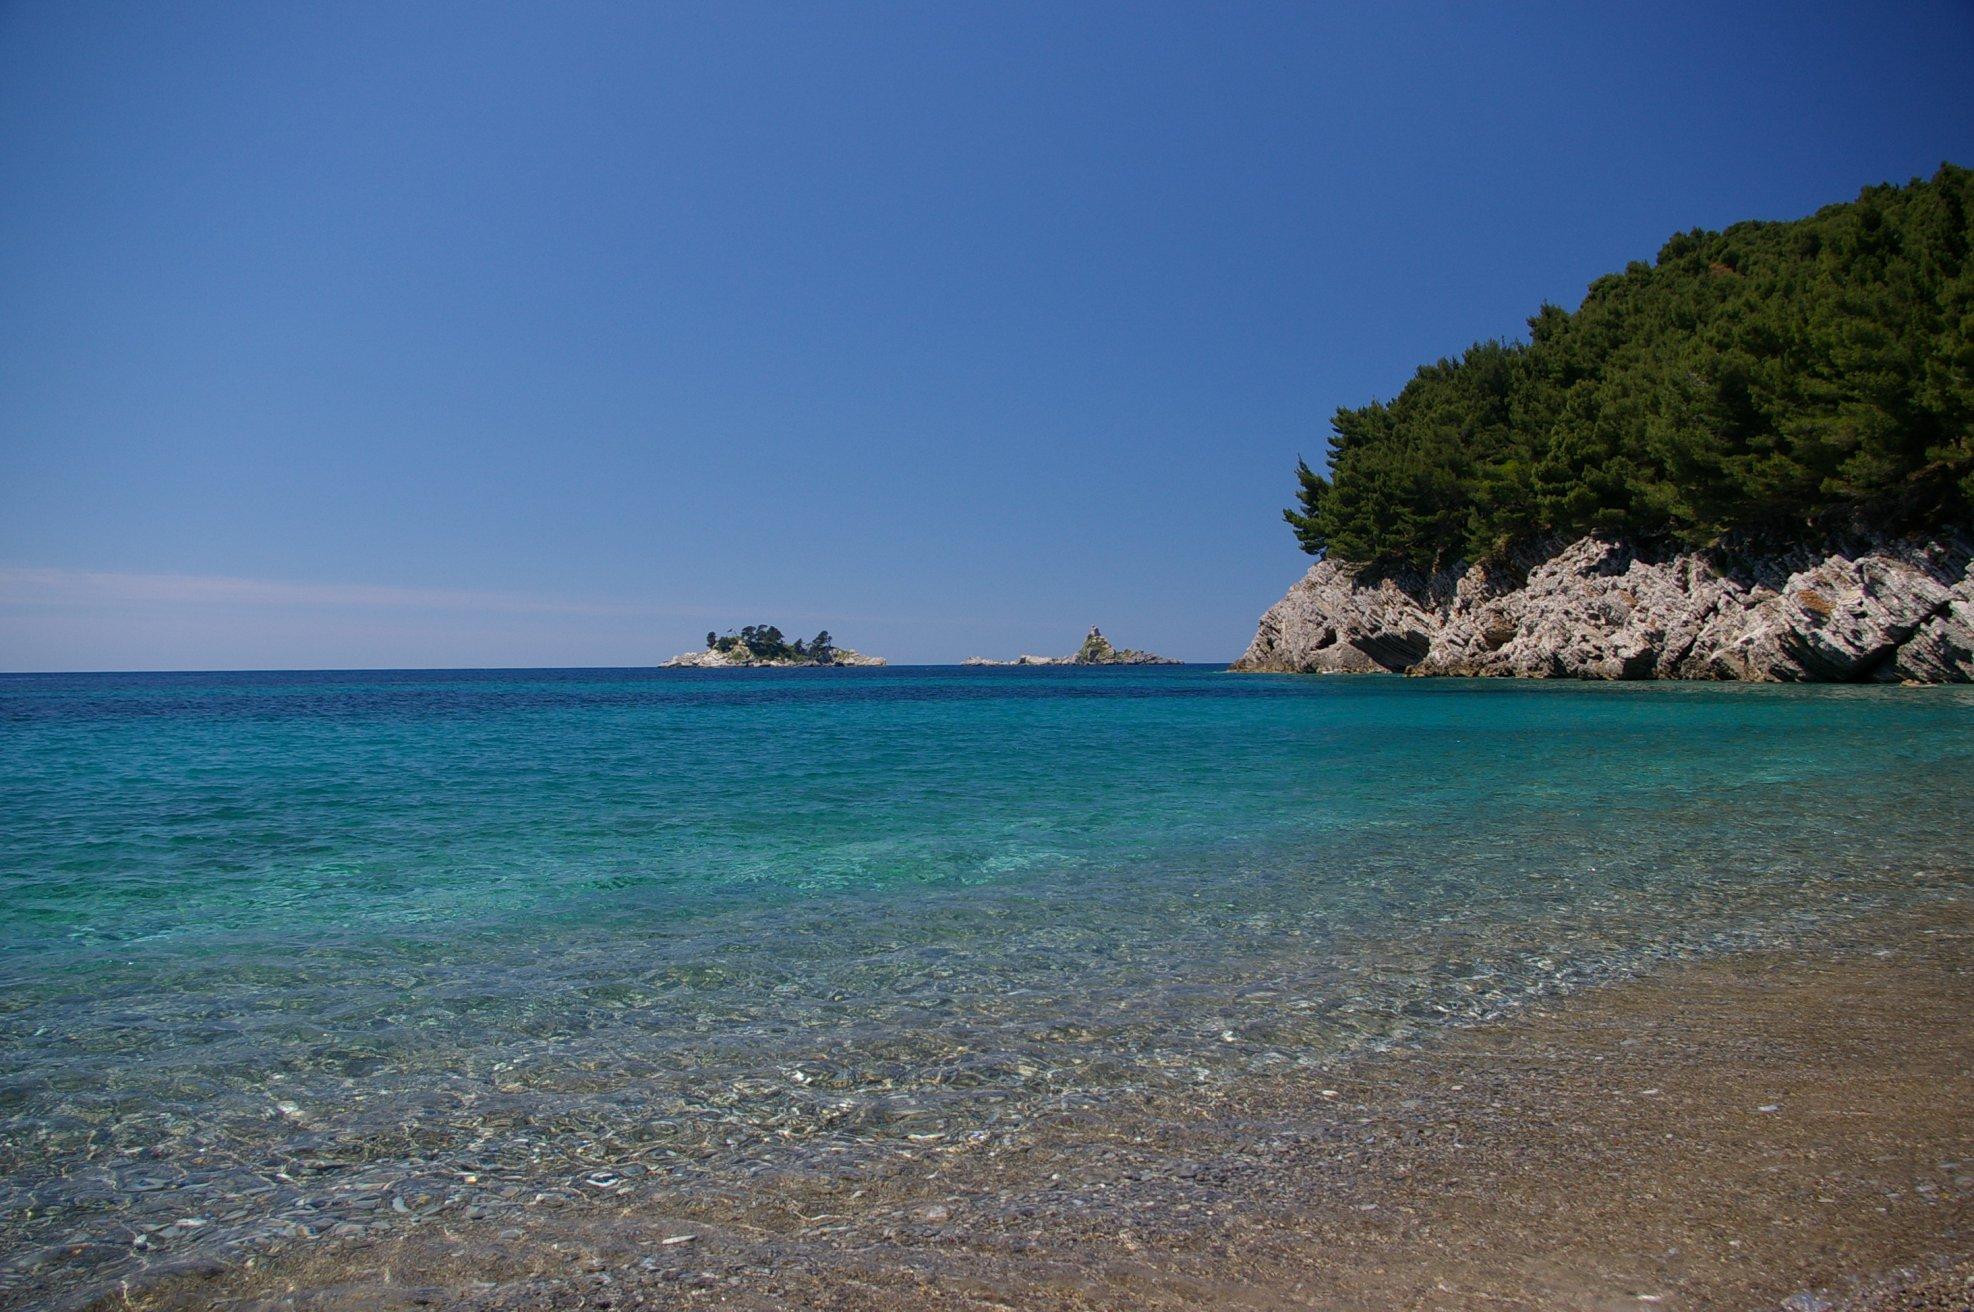 Черногория, Петровац, Адриатическое море, курорт, пляж